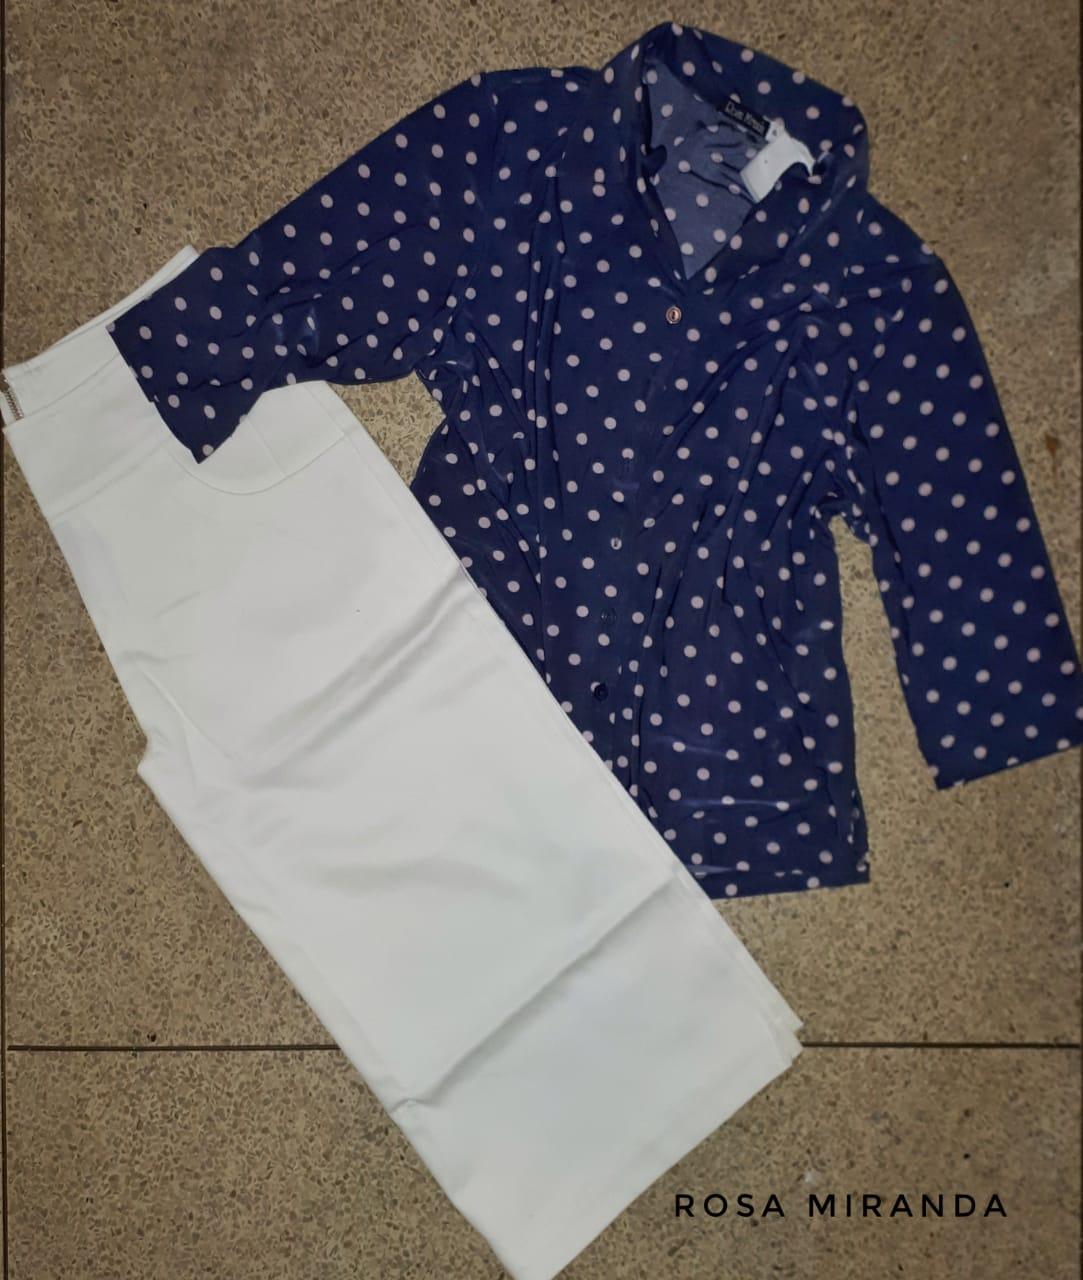 Camisa malha fria marinho poás